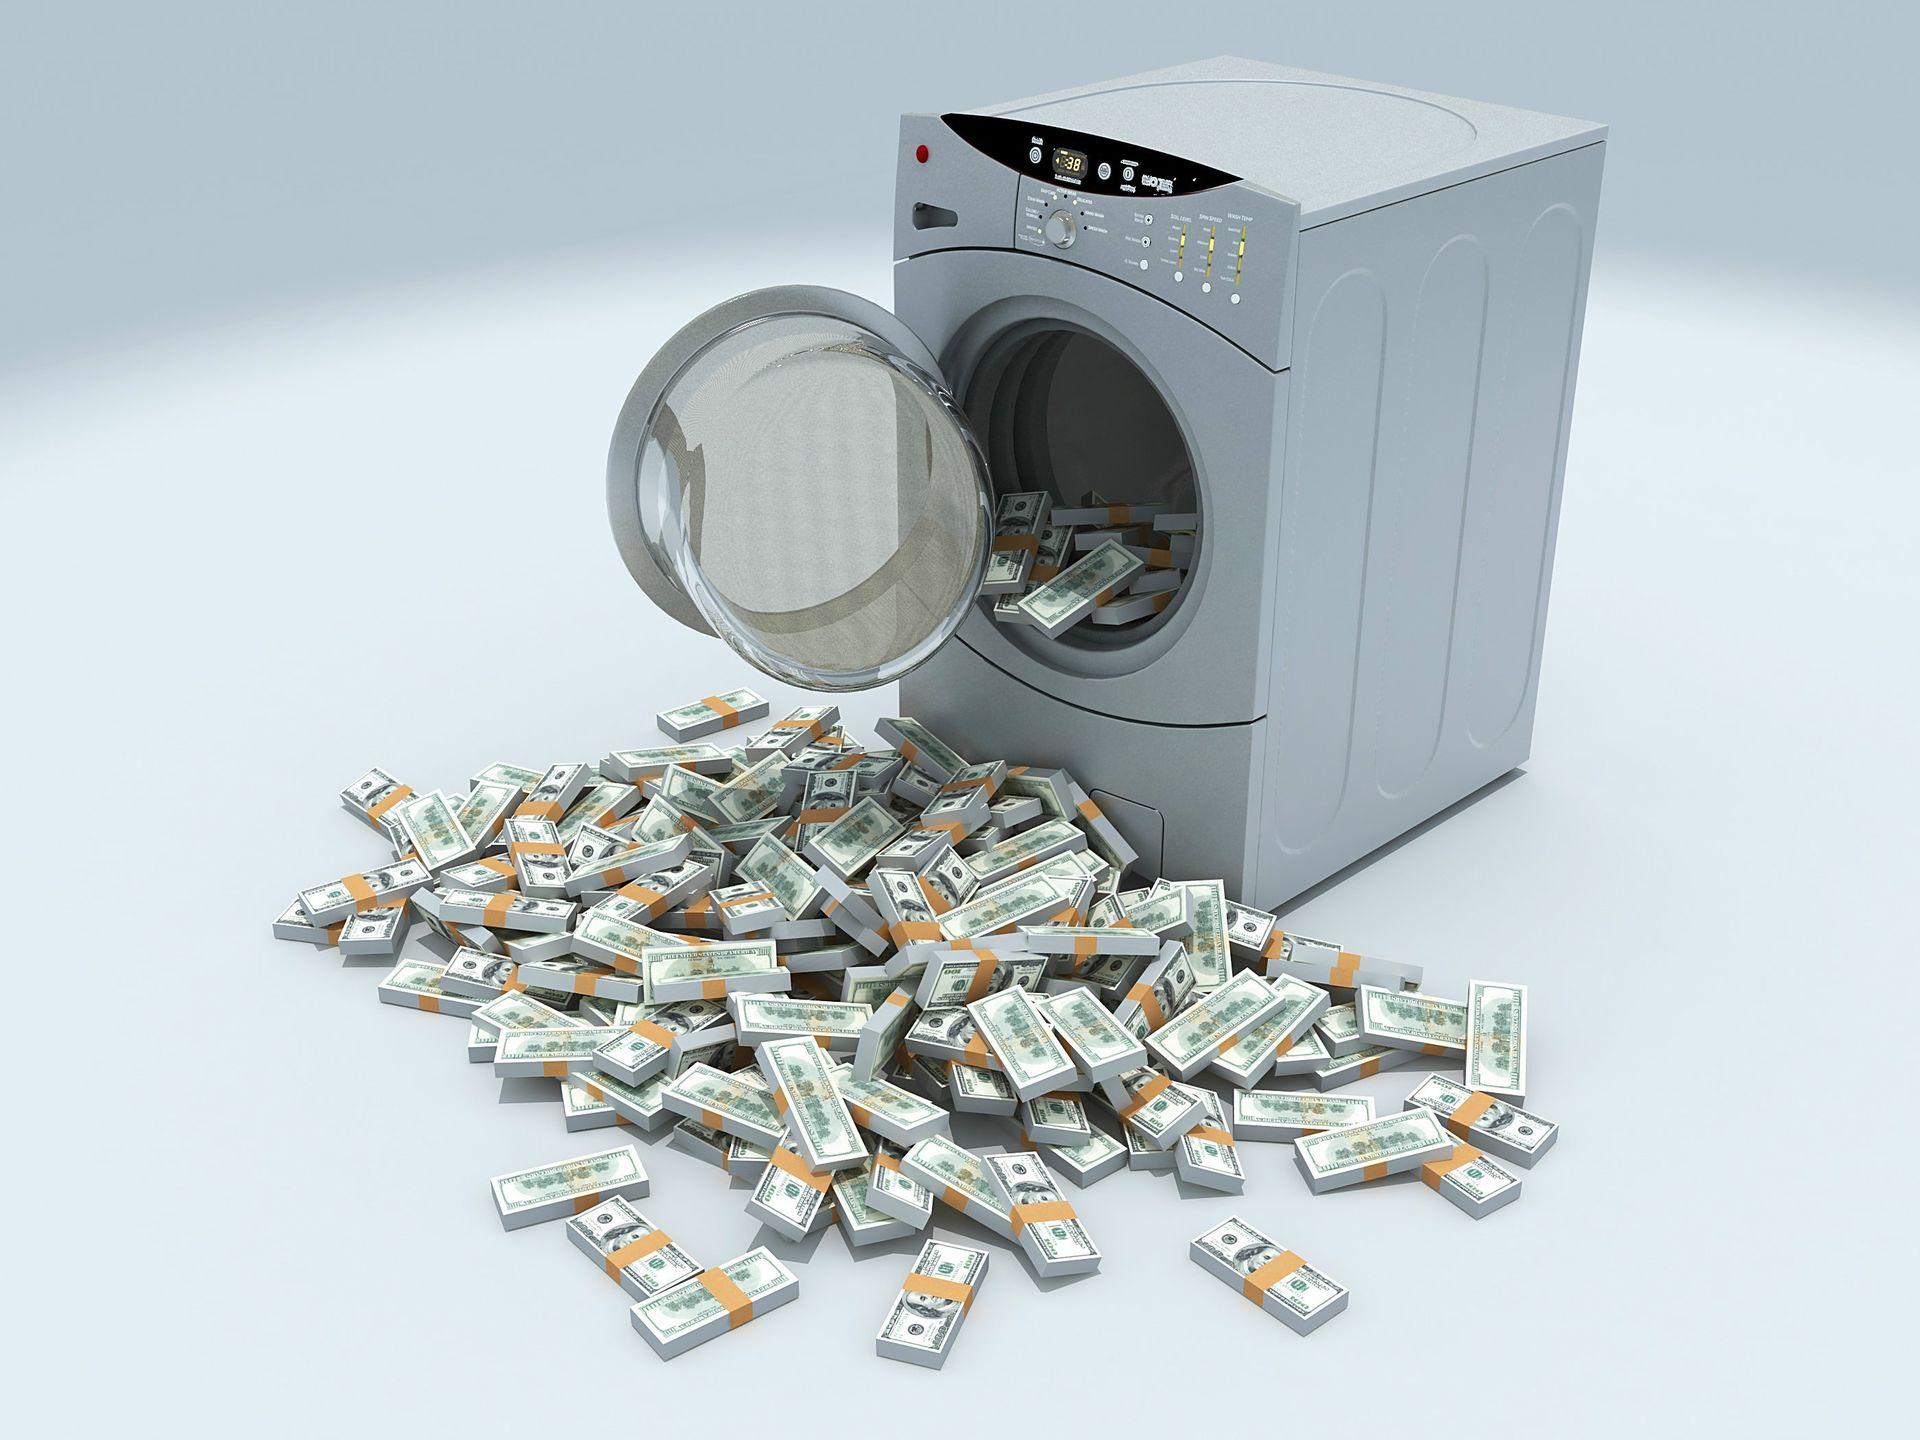 money-laundering-money